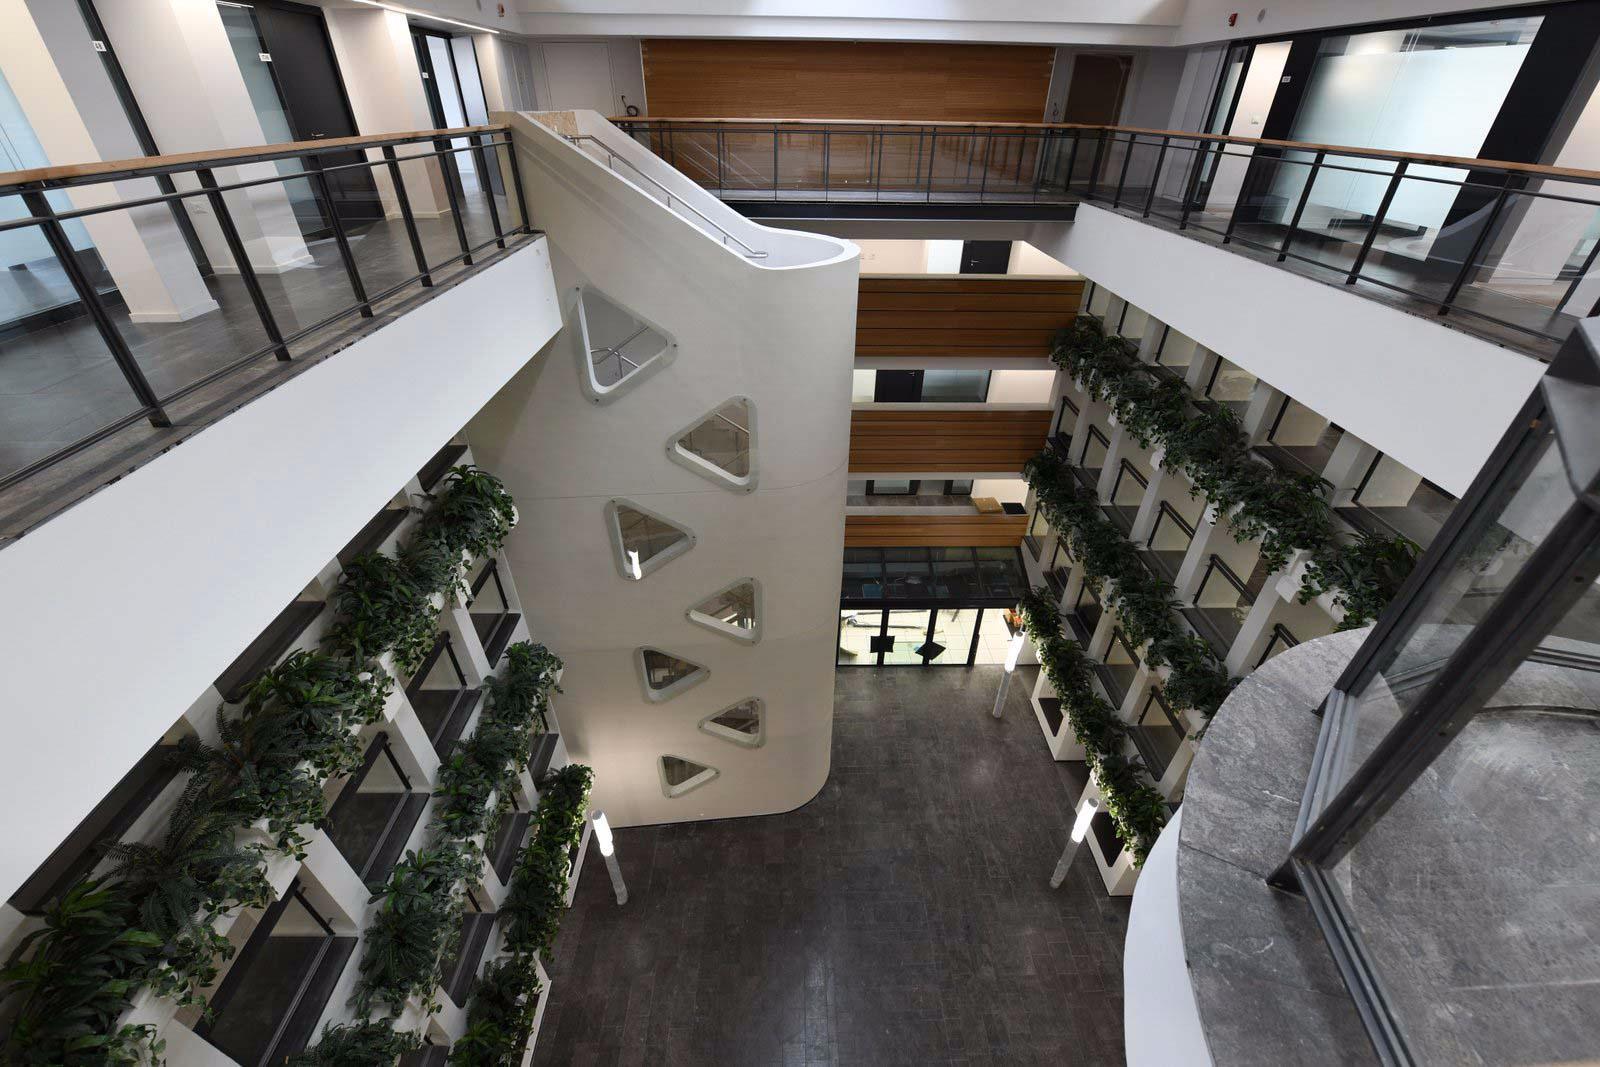 עיצוב מסחרי בבניין ציבורי